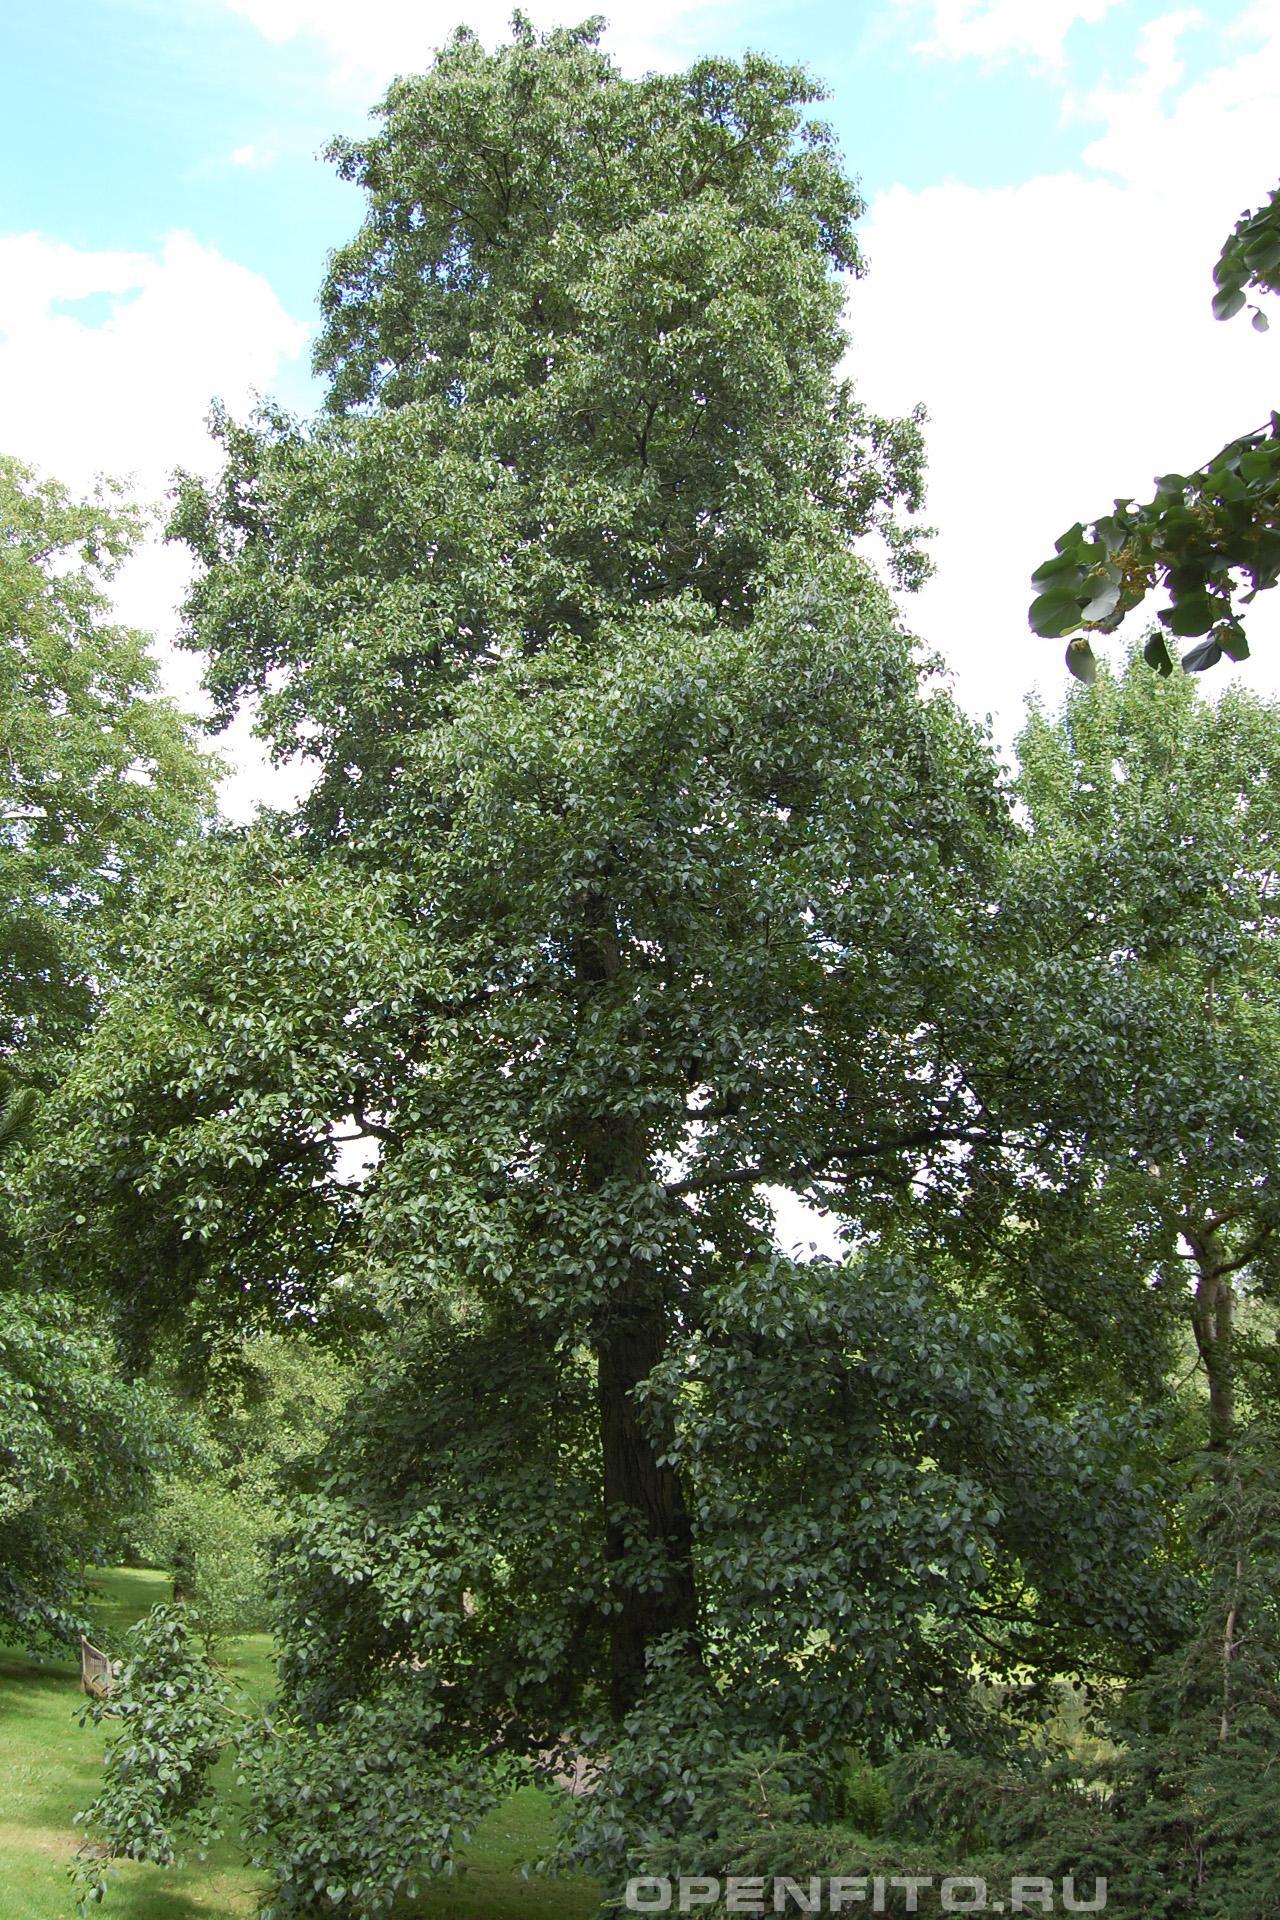 Ольха сердцевидная взрослое дерево